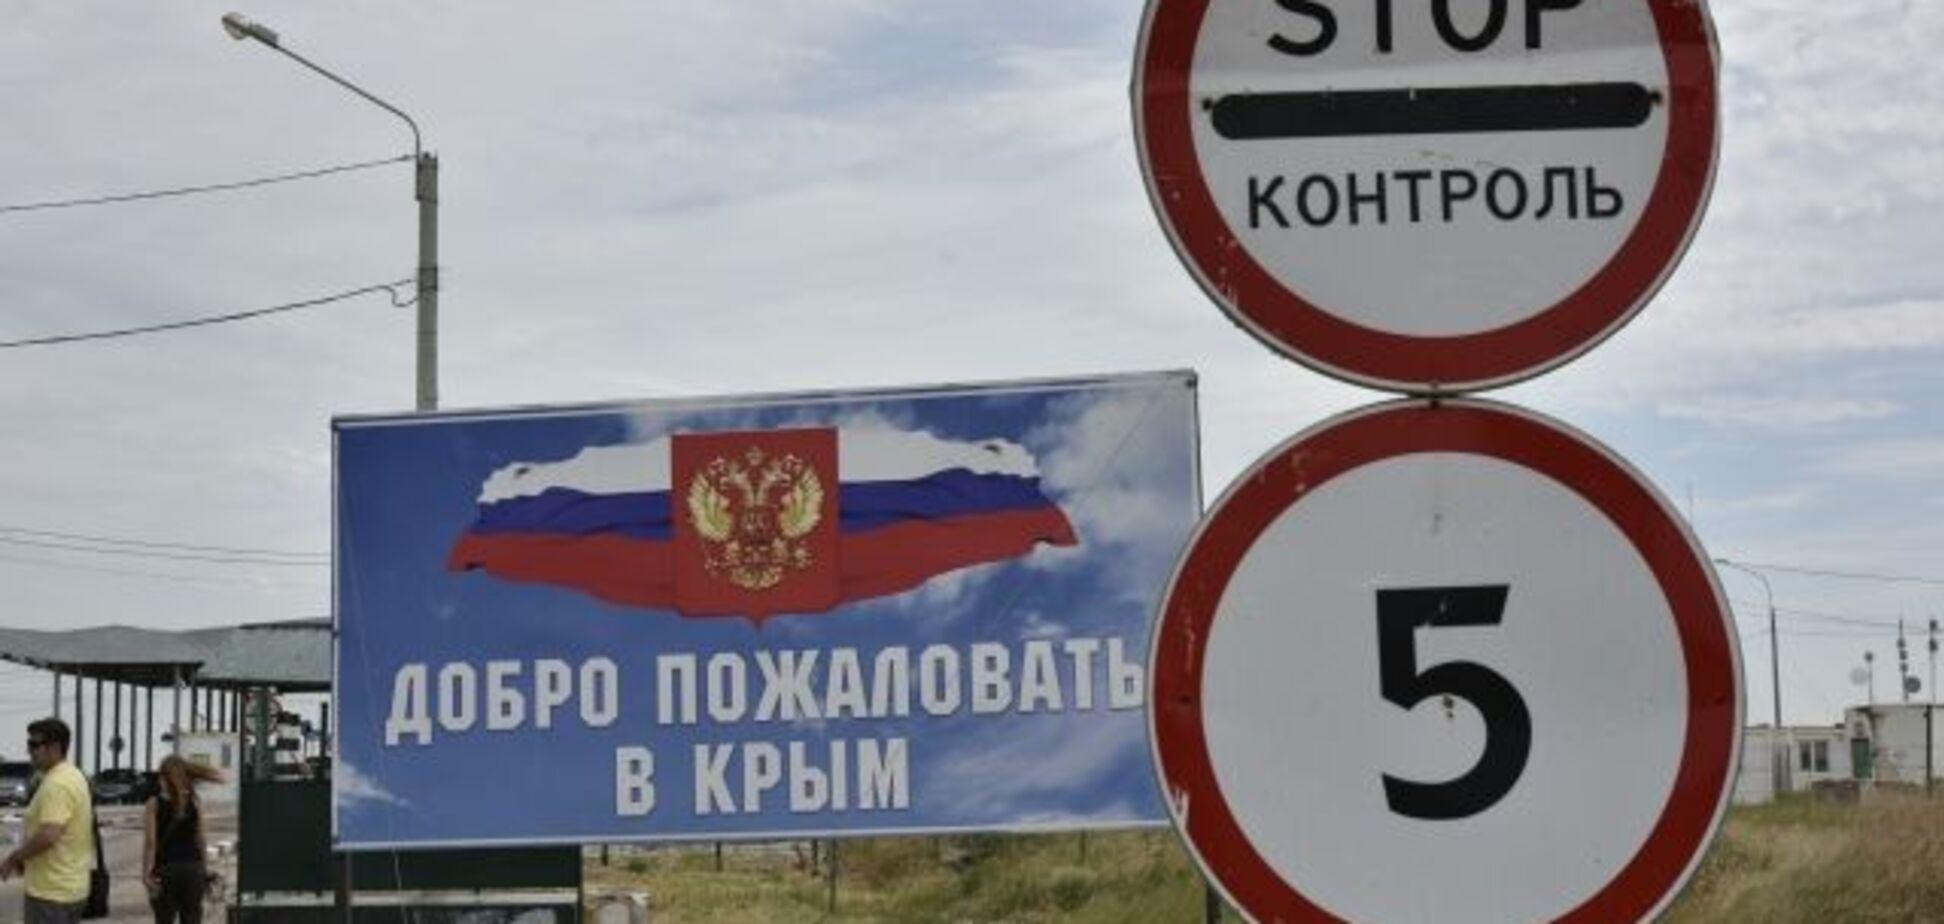 'Чувак, ты идиот?' Сеть возмутил АТОшник, ехавший на заработки в Крым